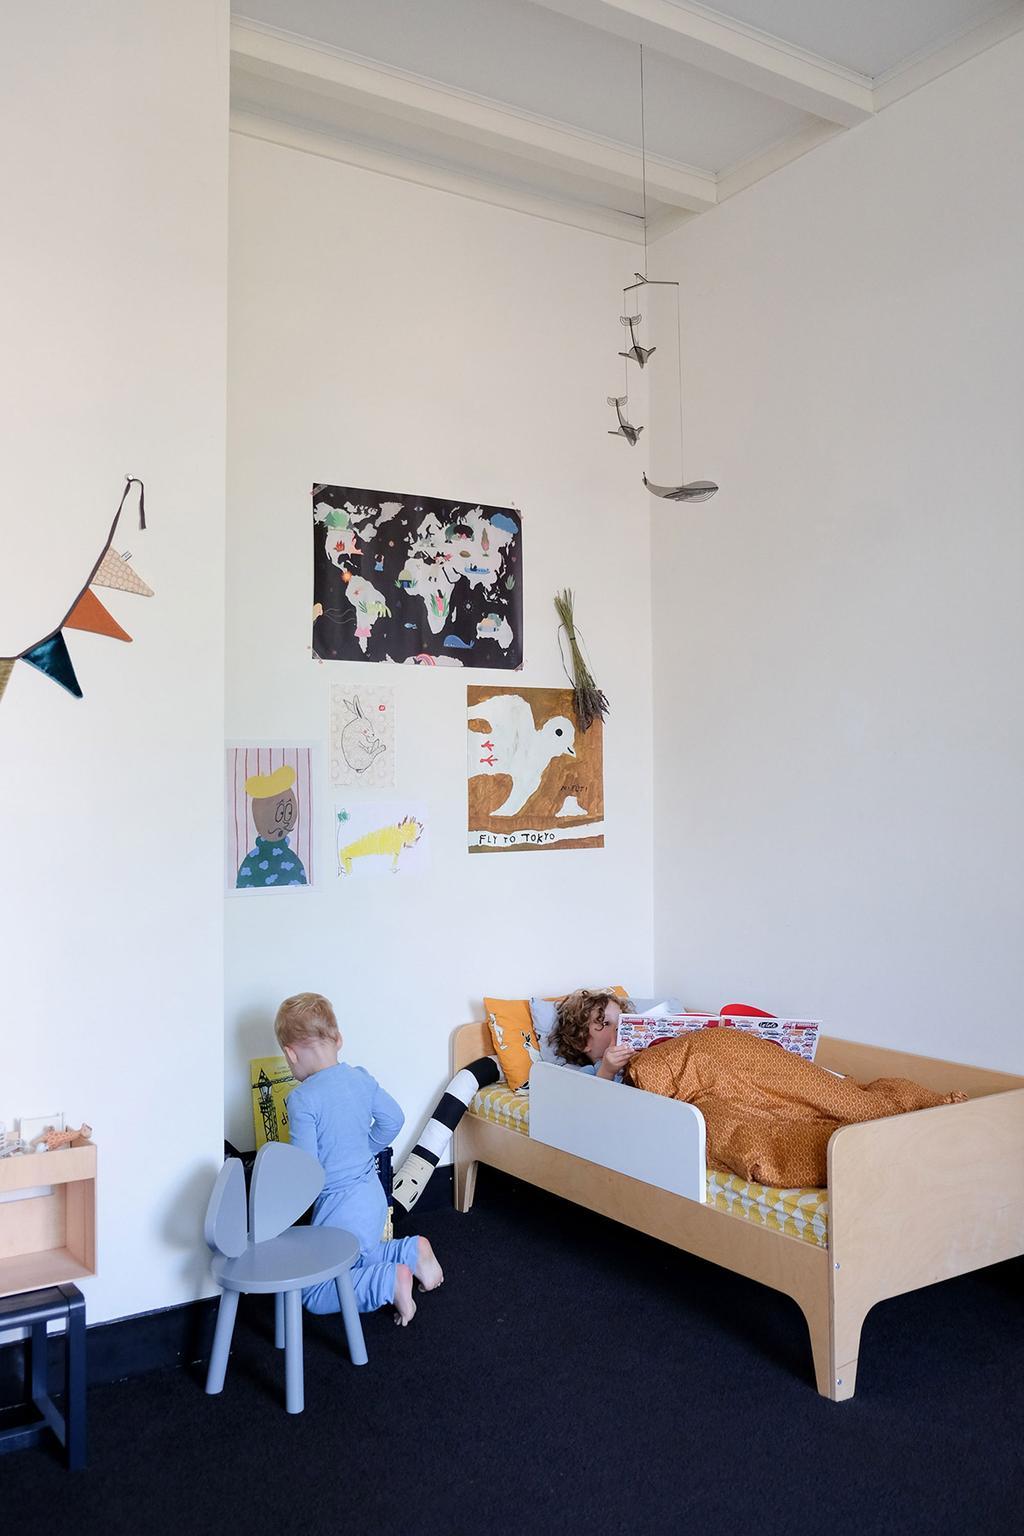 Walvissen mobiel Shapemixer in de kinderkamer van PRCHTG